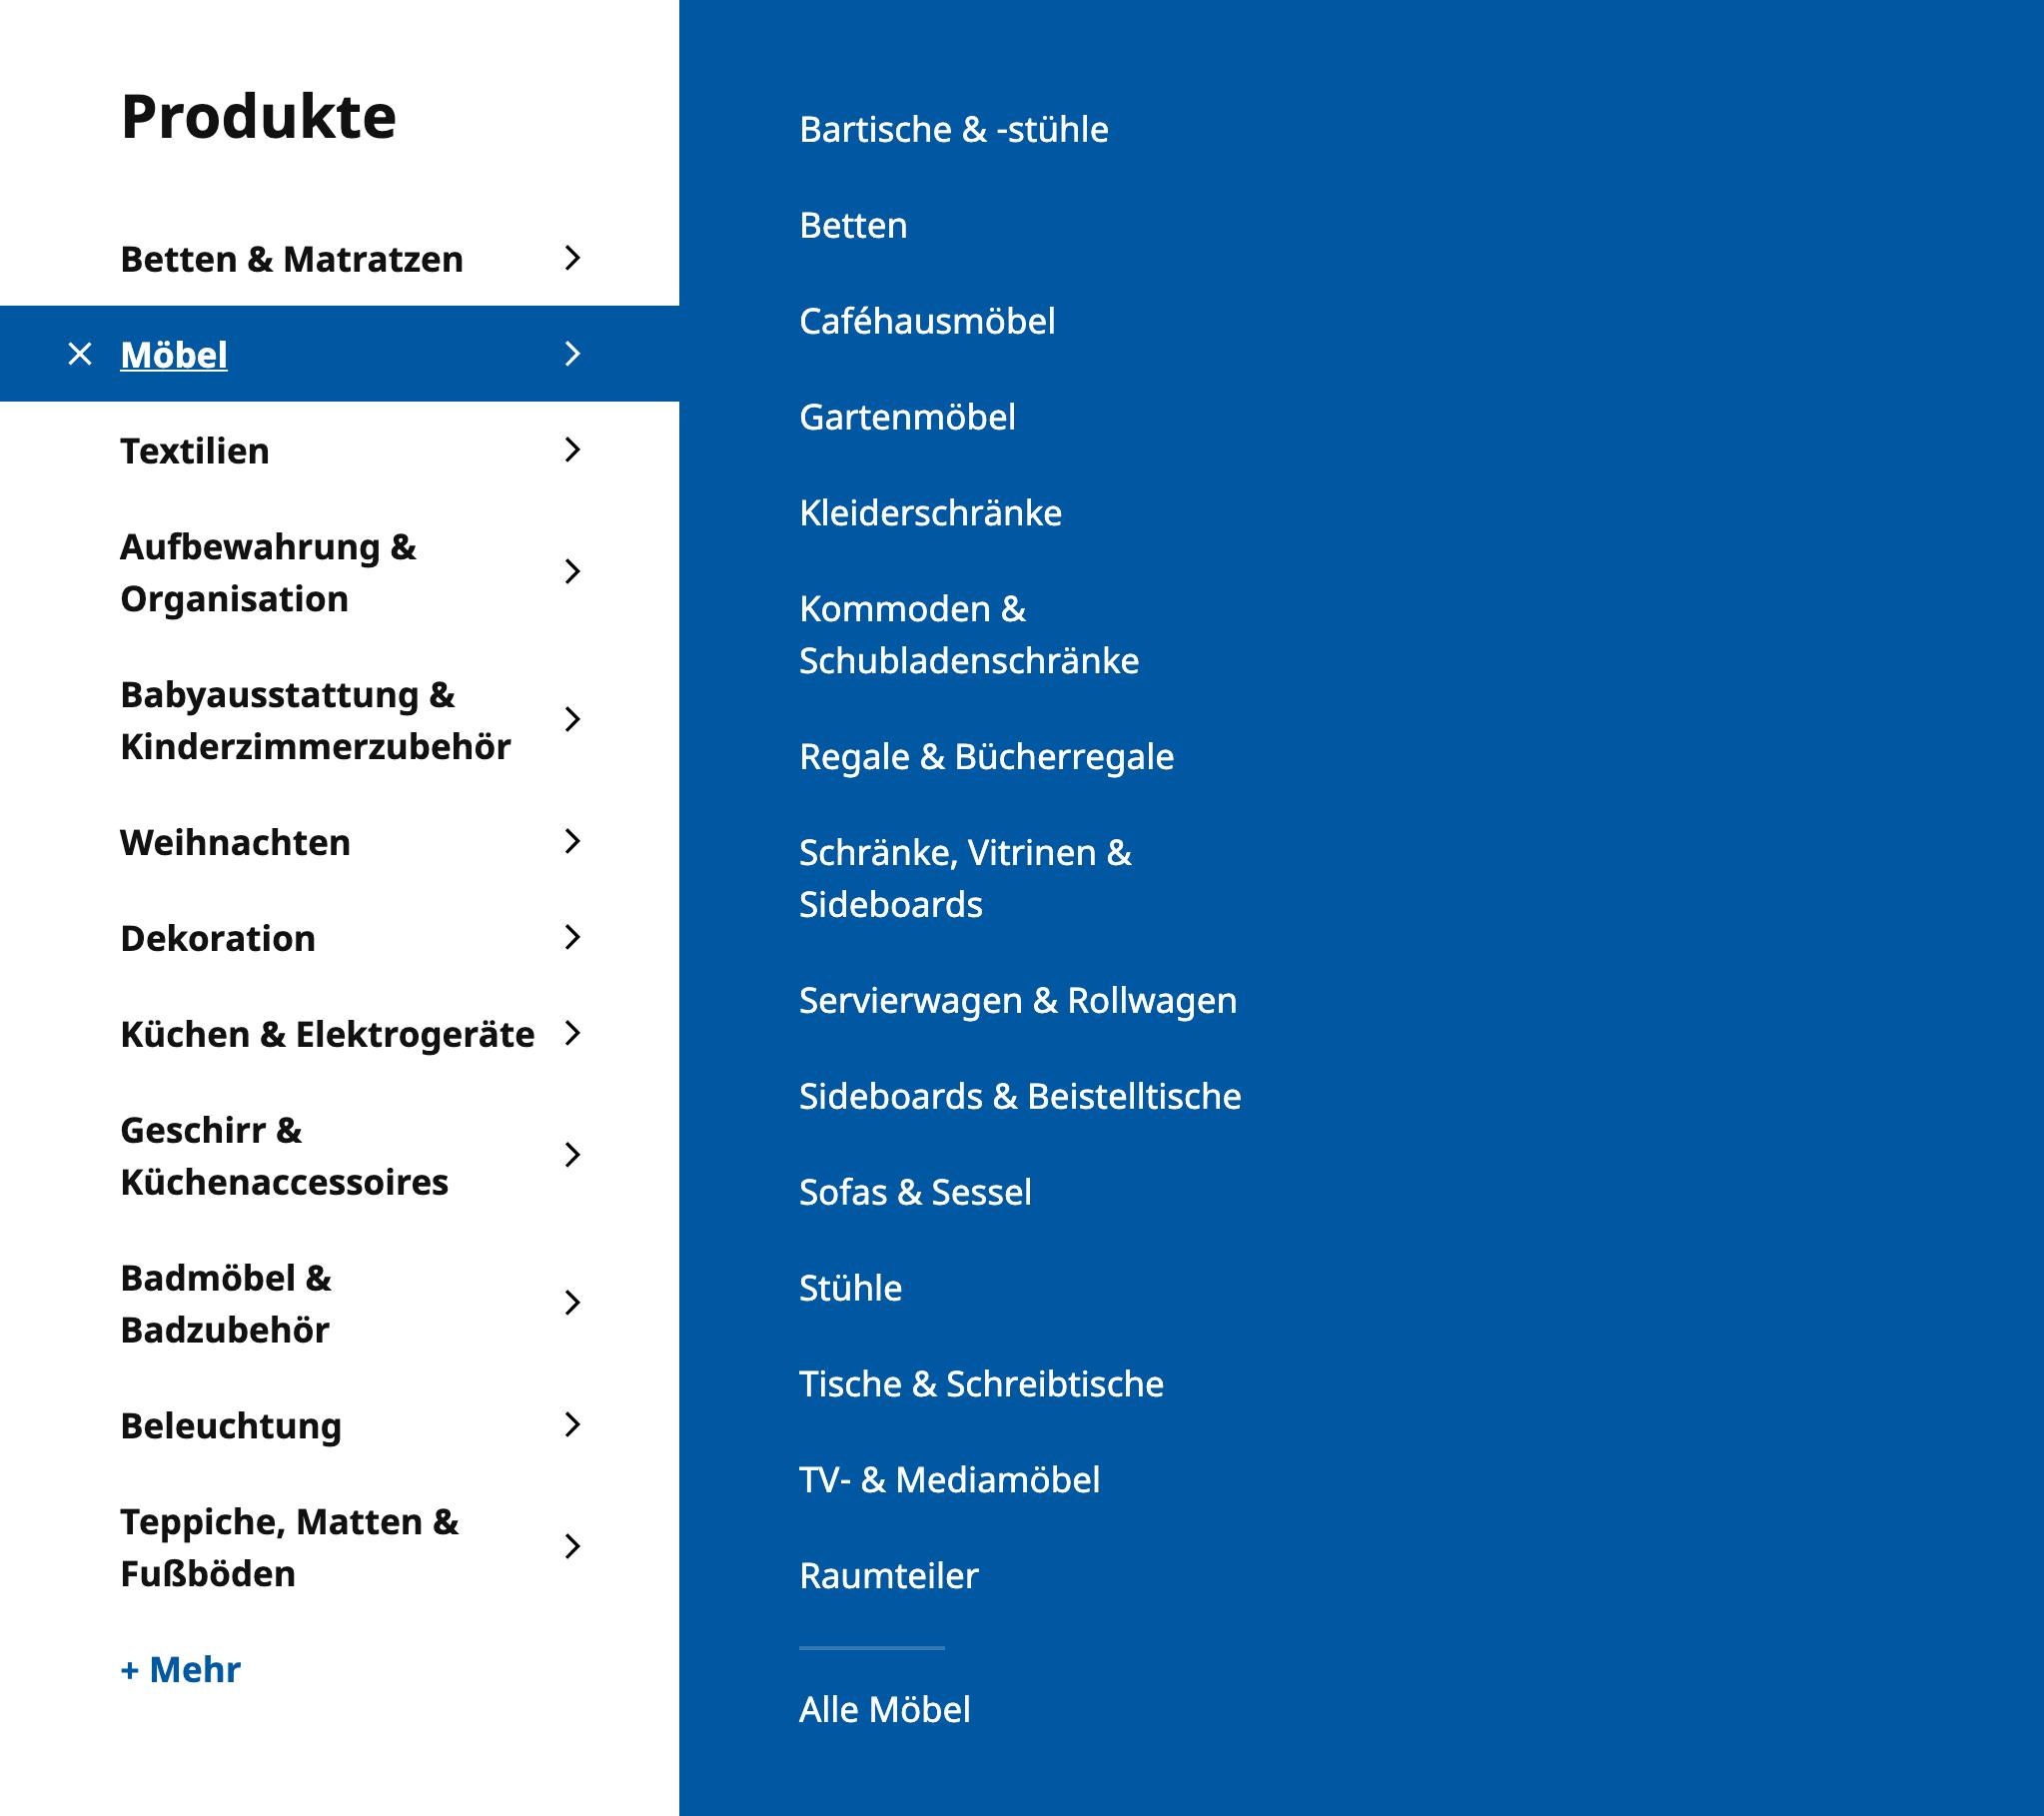 """Navigationsmenü auf ikea.com für Deutschland. Im Obermenü """"Möble"""" gibt es verschiedene Unterkategorien. Mehrere davon haben etwas mit Schränken zu tun: """"Kleiderschränke"""", """"Kommoden & Schubladenschränke"""" und """"Schränke, Vitrinen & Sideboards""""."""